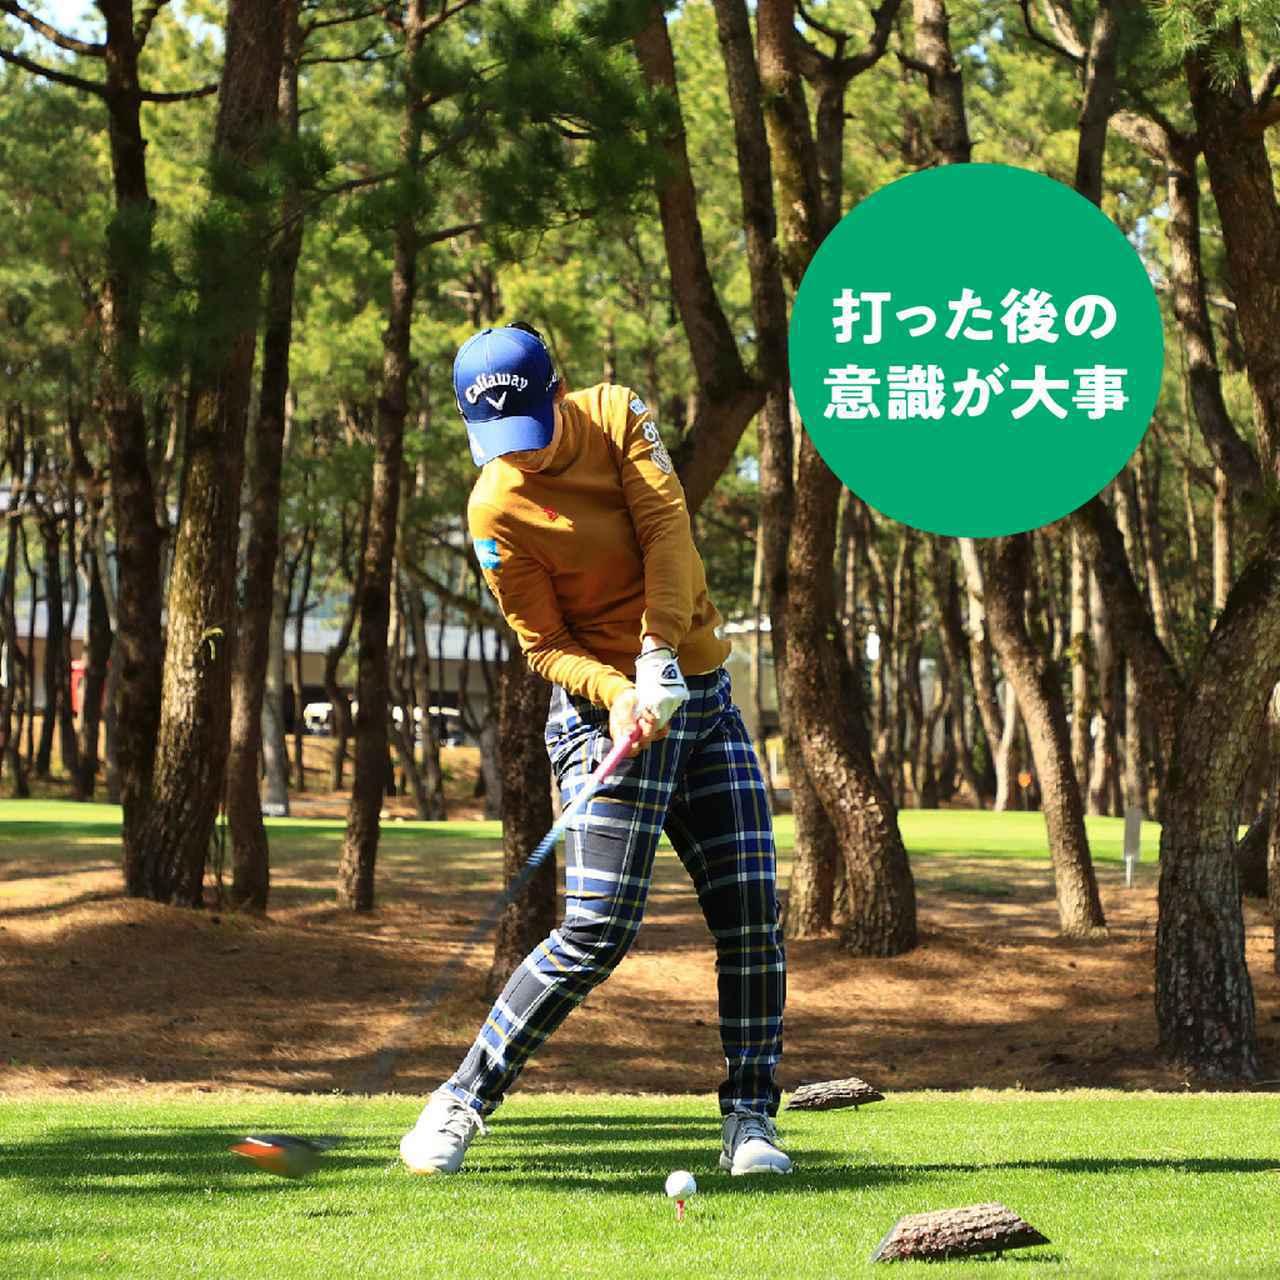 画像3: 【飛距離アップ】飛ばしに力は必要ない。女子プロゴルファーがこぞって集うチーム辻村明志「マン振りより飛ぶ八分目スウィング」